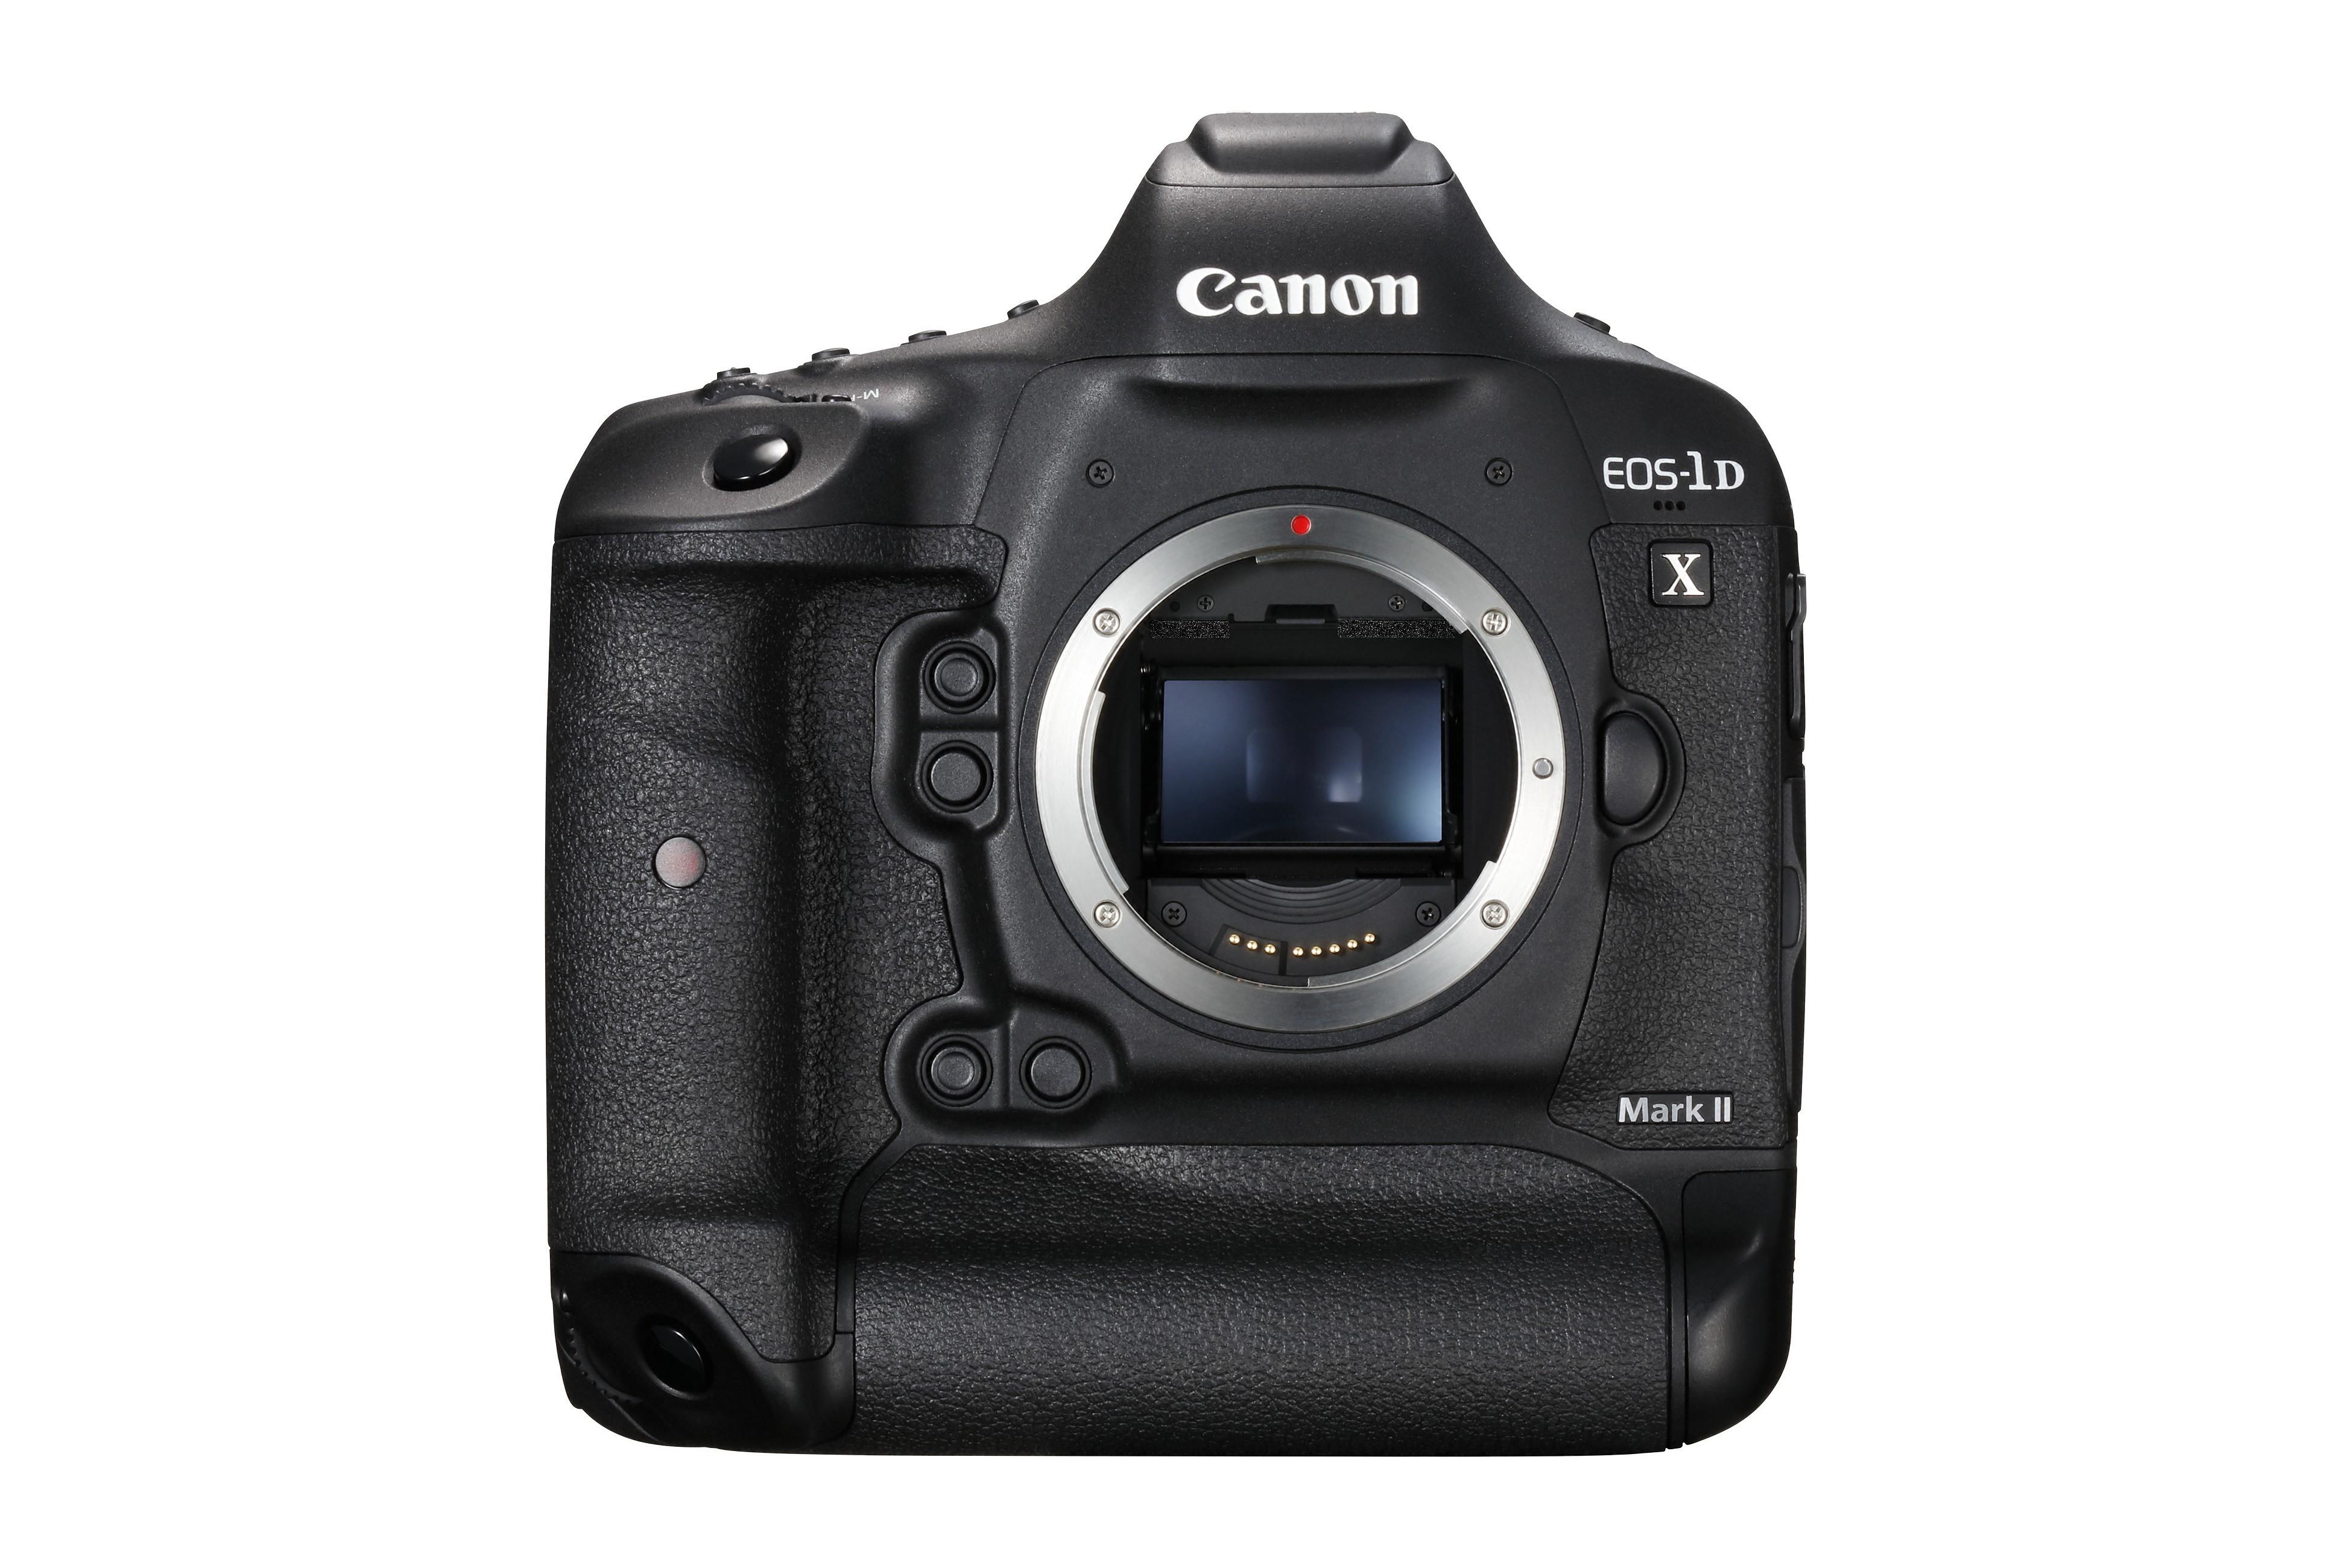 Canon EOS 1DX mark II body + GRATIS Masterclass van Frits van Eldik + GRATIS 64GB CFast geheugenkaar